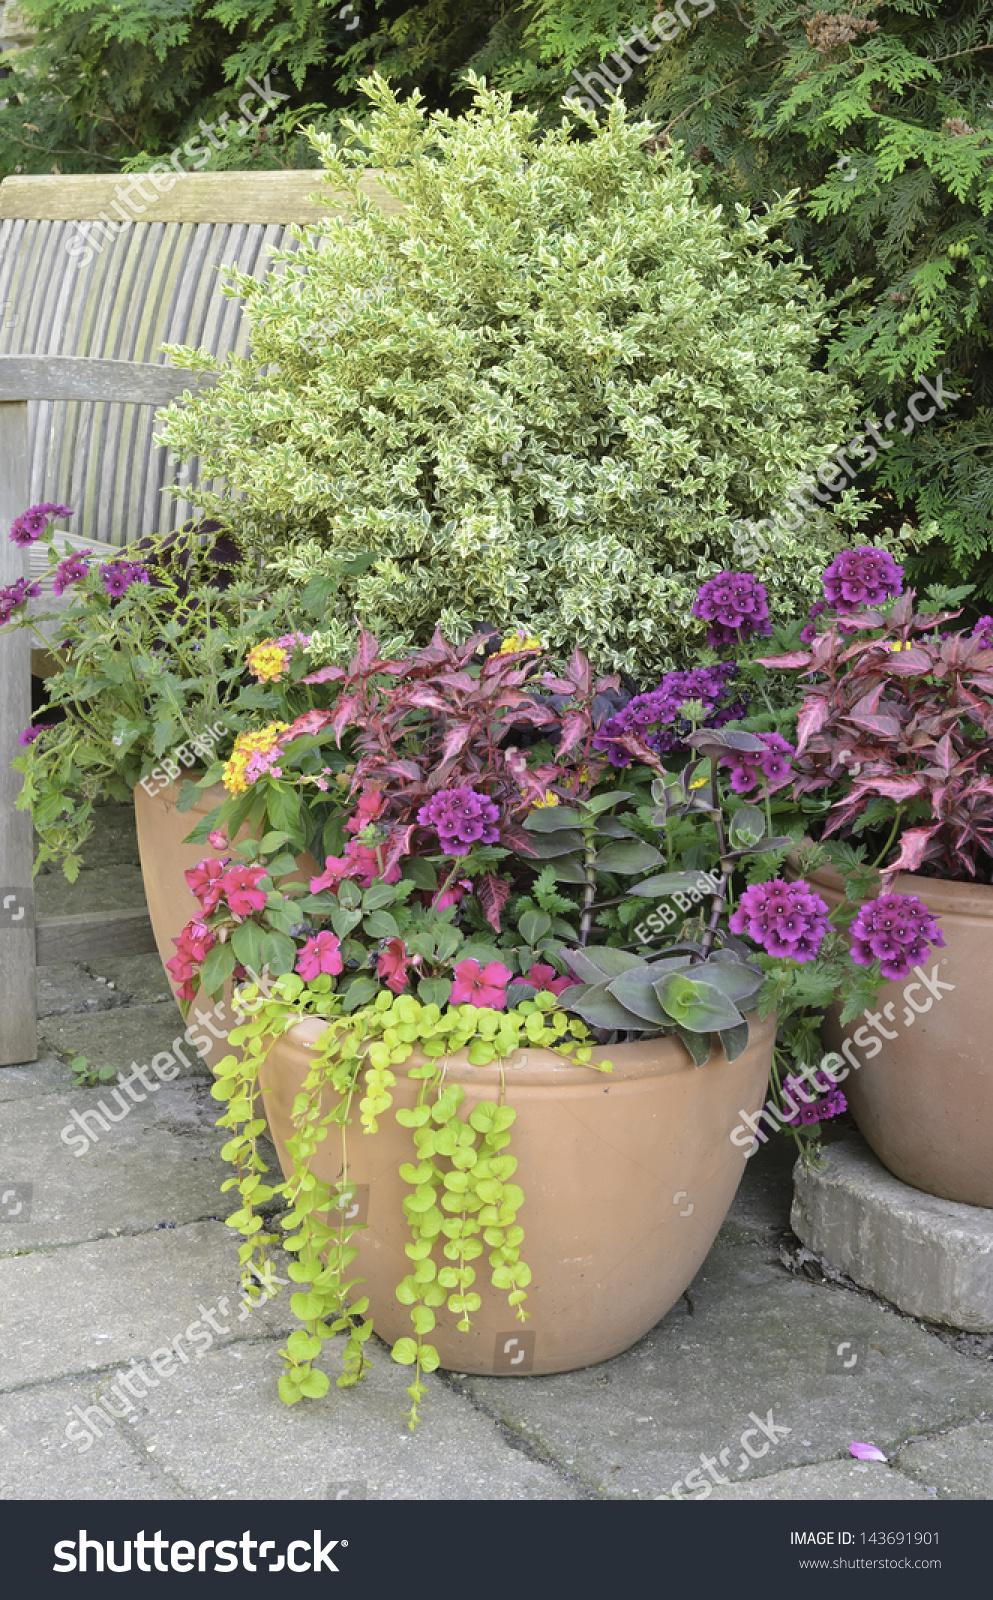 Arrangement Of Plants And Flowers In Spring Garden